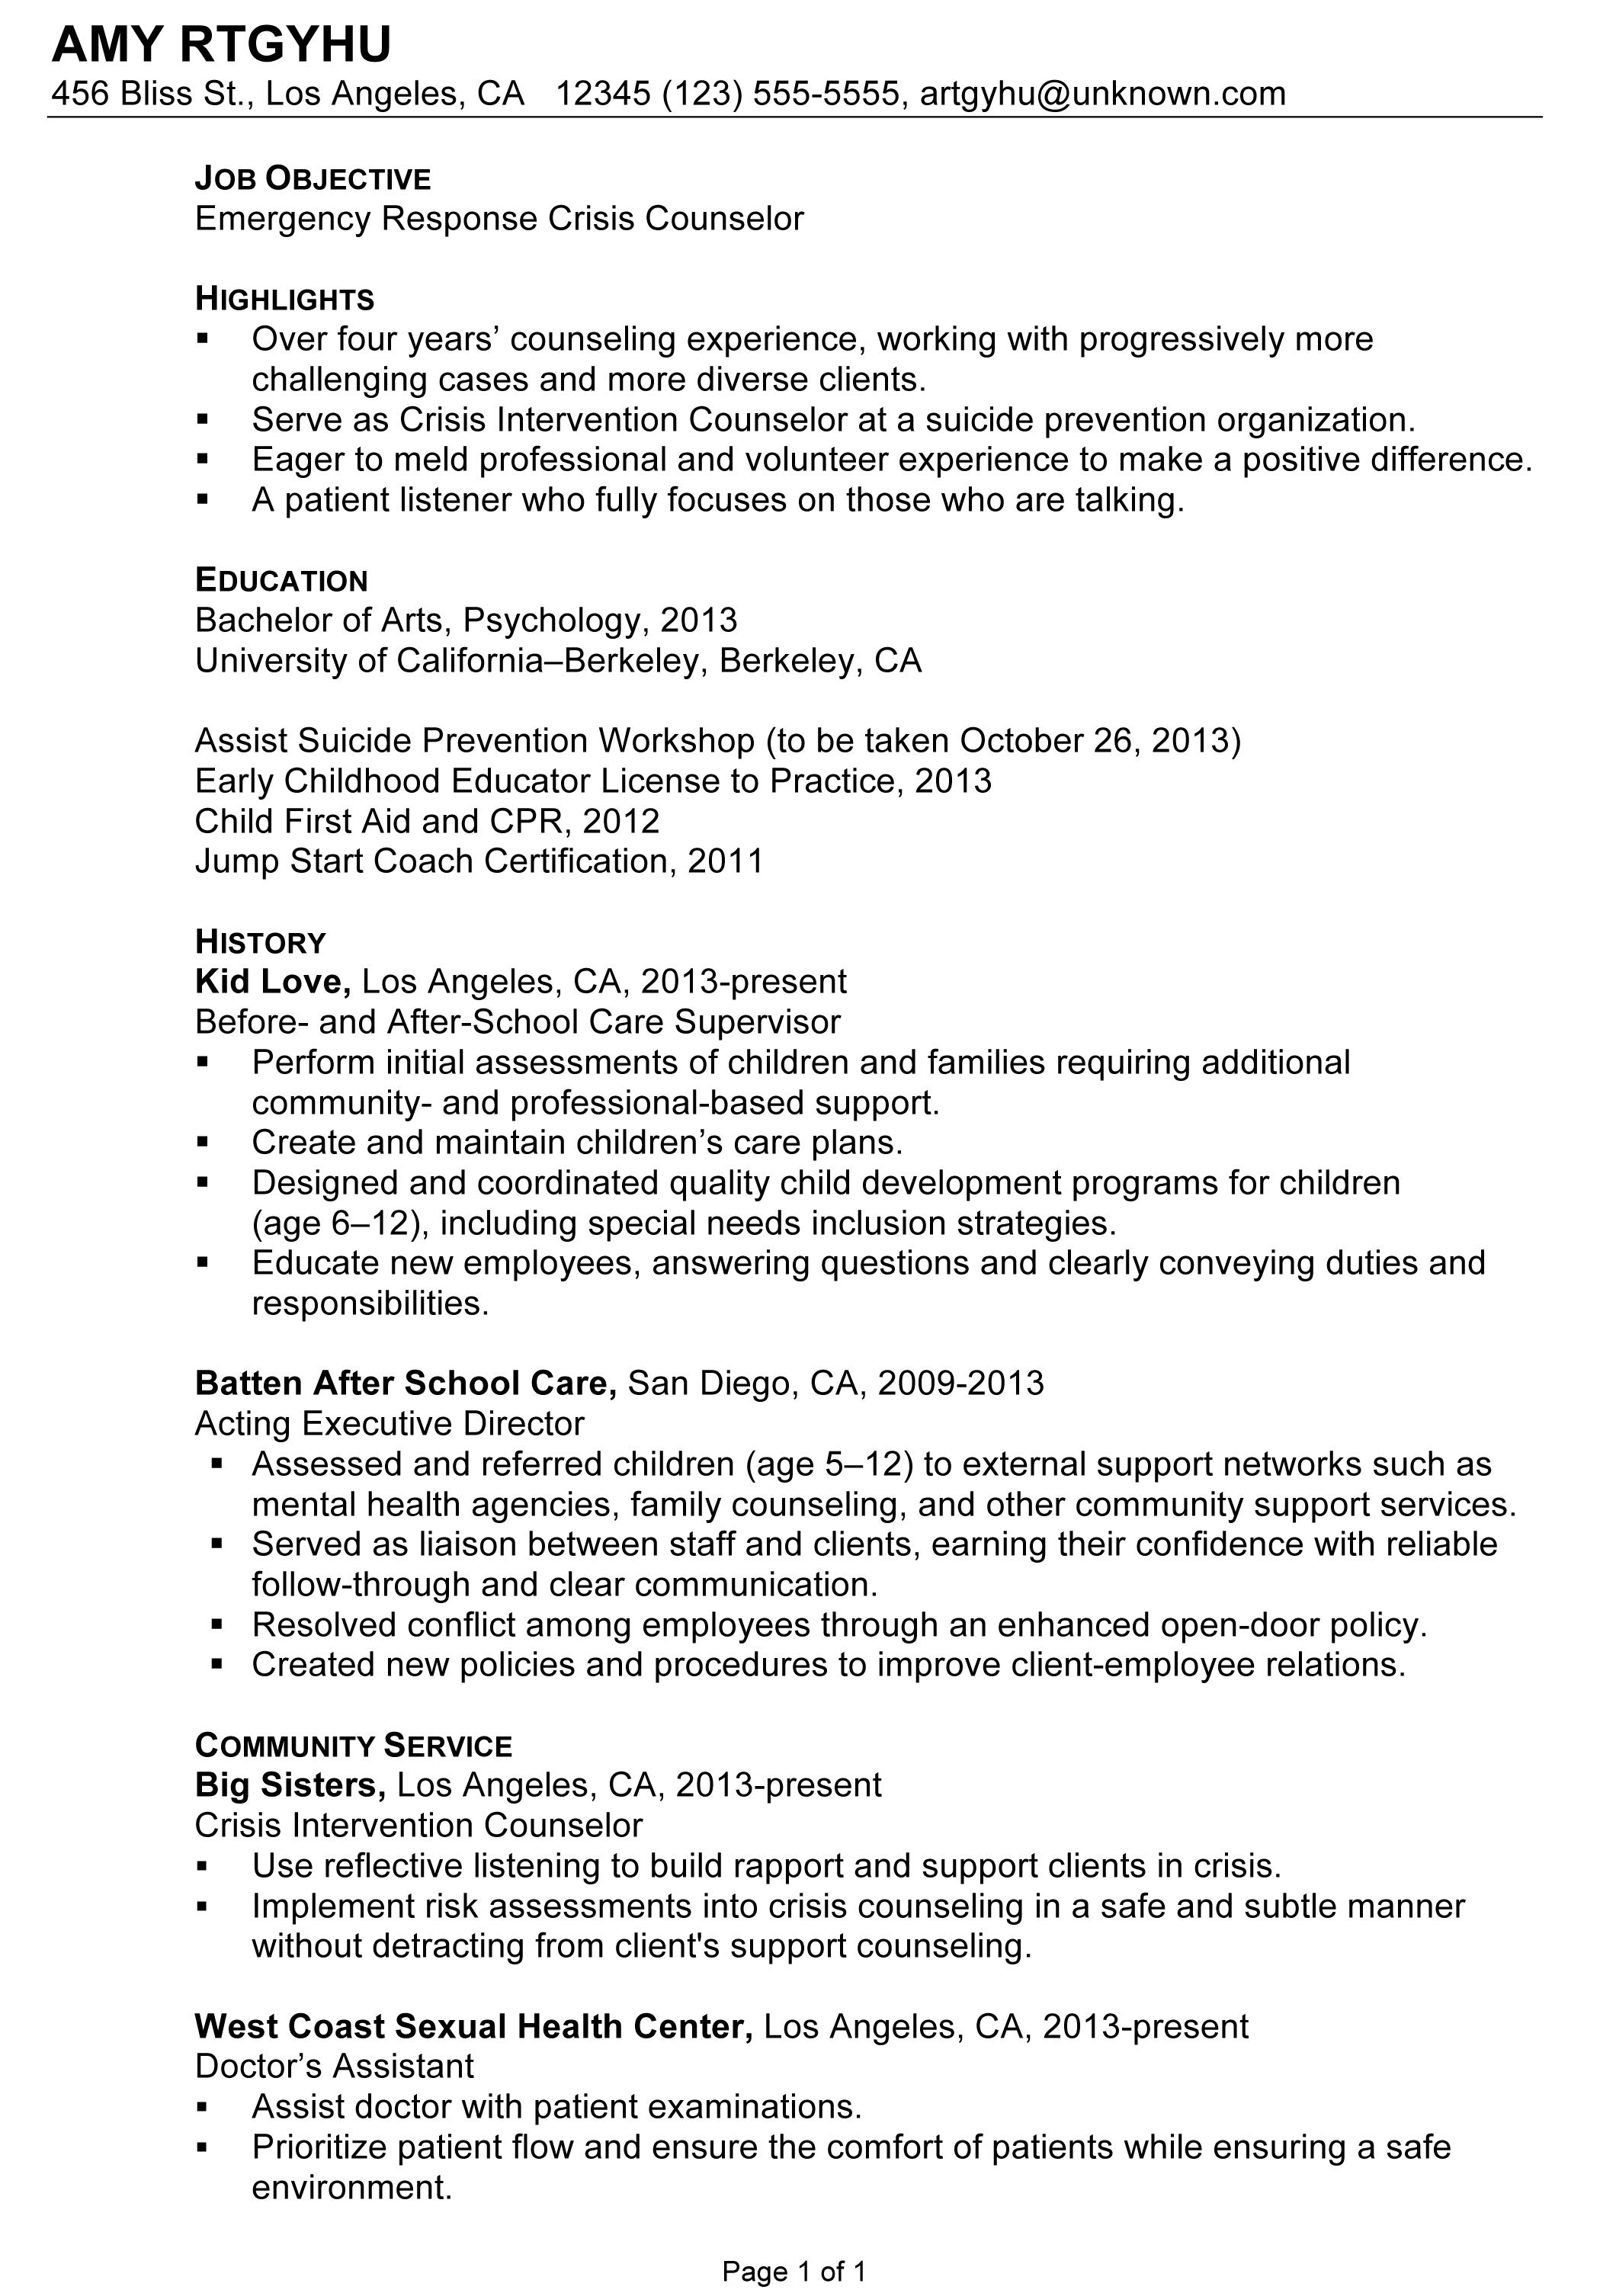 Resume Format Bullet Points bullet format points